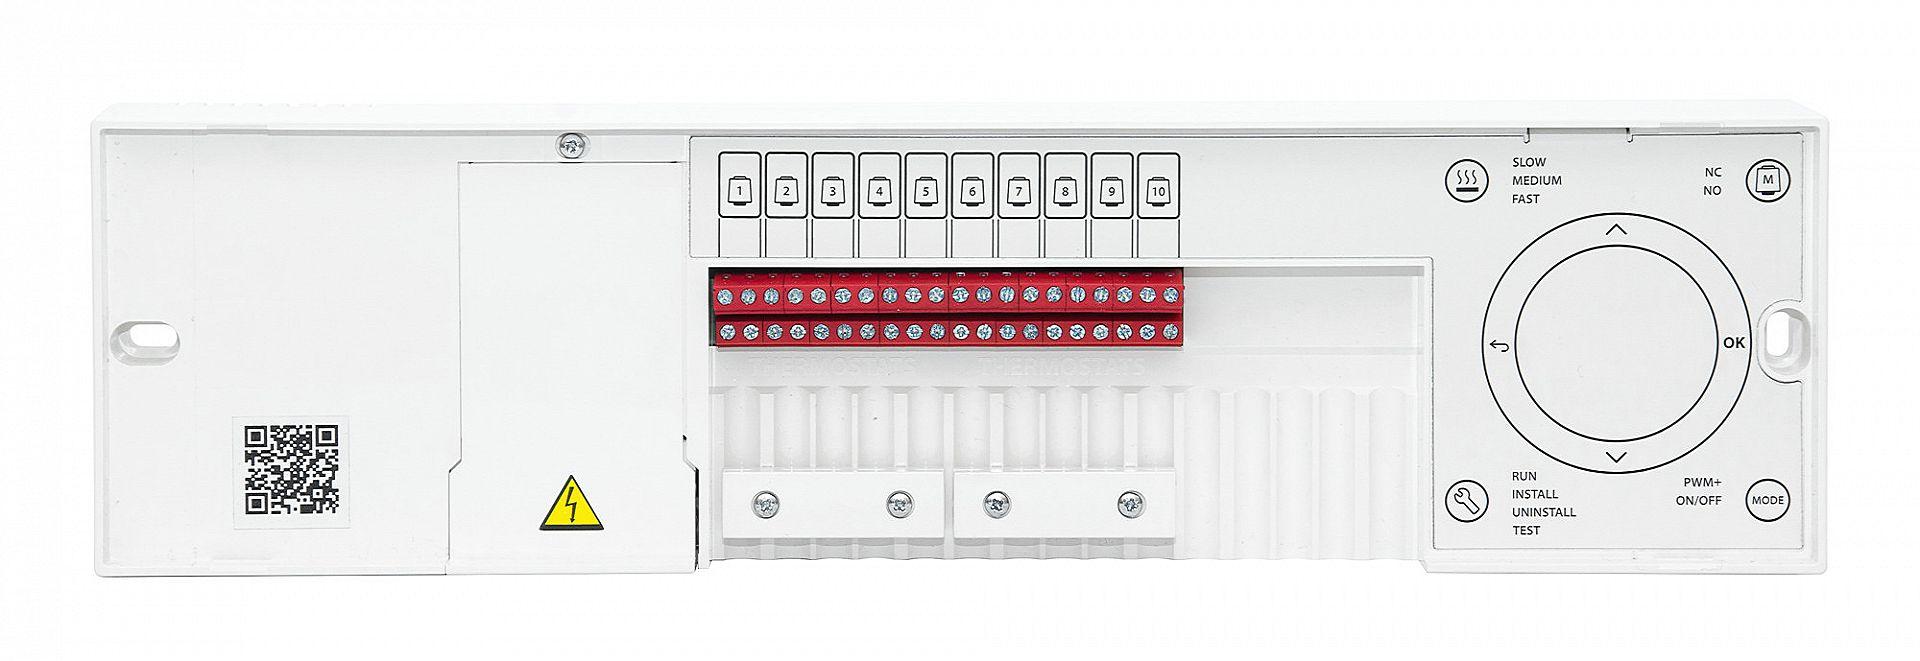 Riadiaci regulátor, 24V DC, 10 výstupov